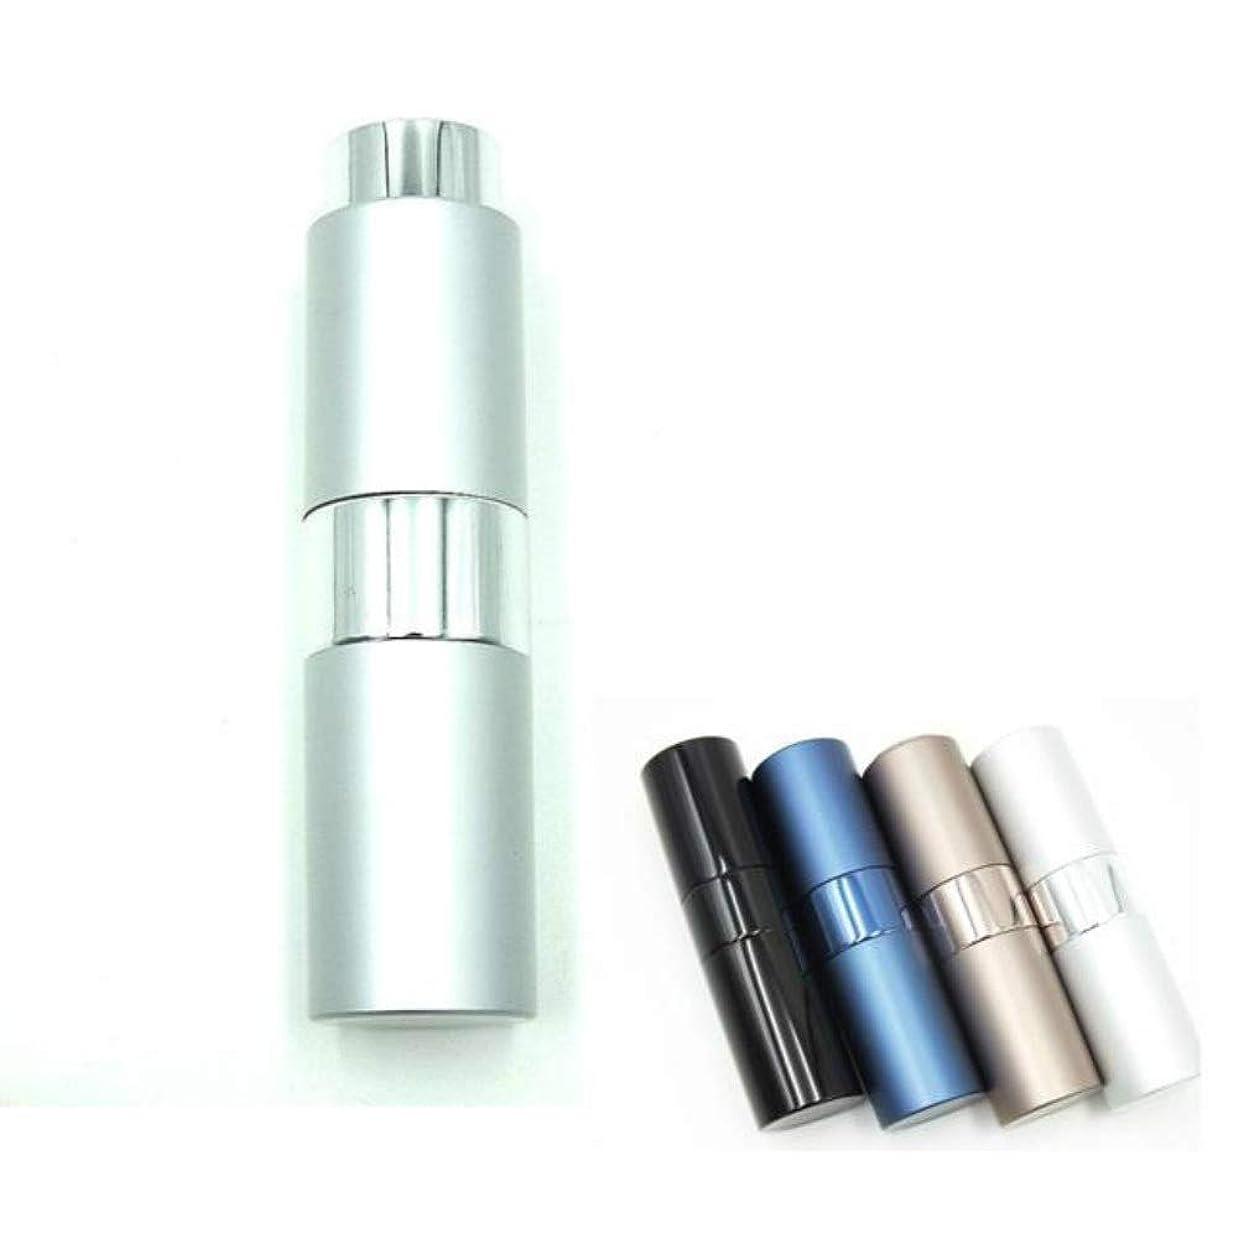 シルバー 15ml 香水 メンズ アトマイザー 大人 男性 プッシュ式 詰め替え 携帯用 持ち運び 身だし